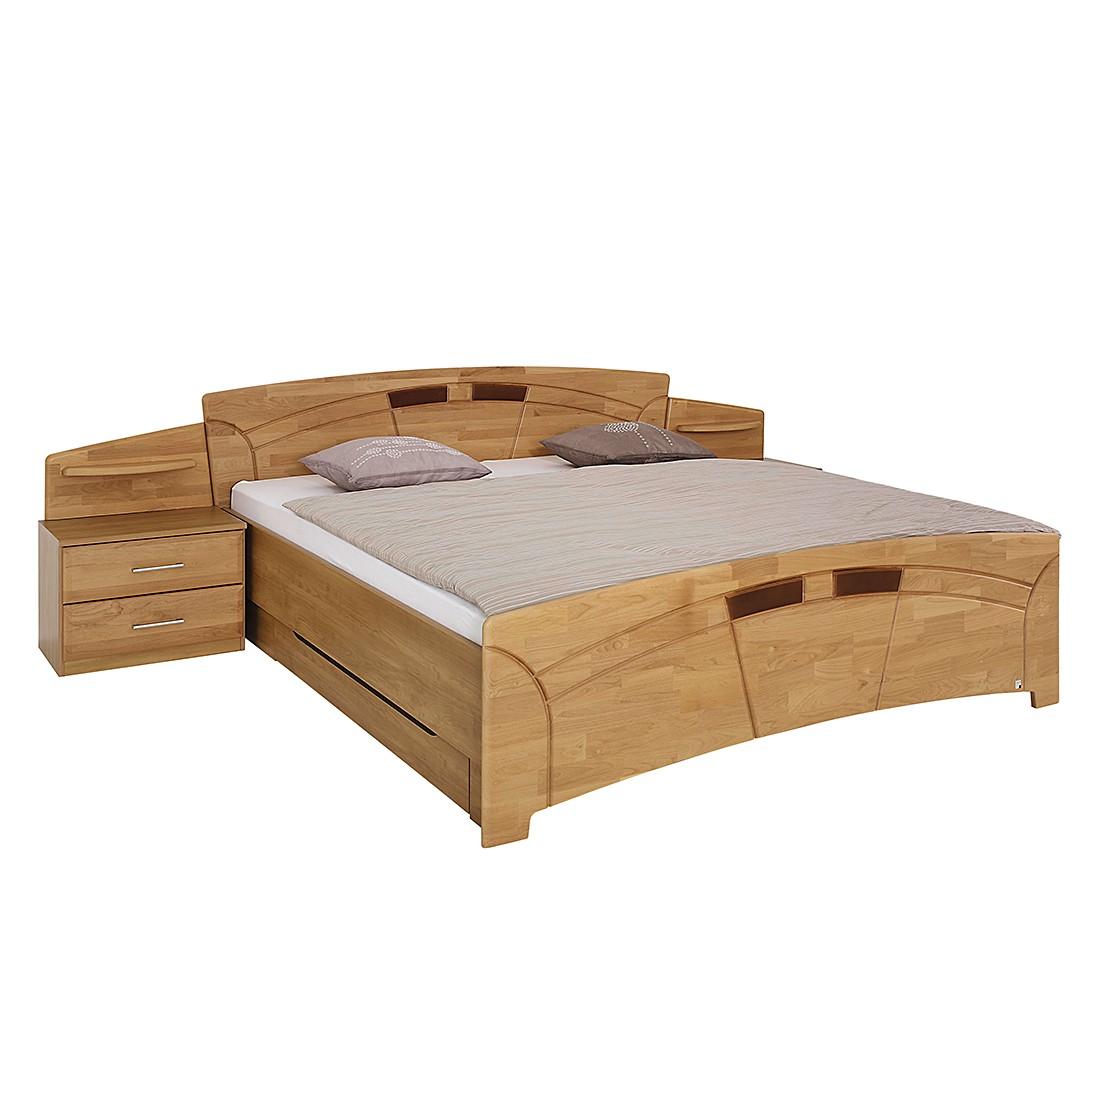 goedkoop Bed met nachtkastjes Sarah III gelakt deels massief elzenhout ligoppervlak: 200x200cm Rauch Steffen